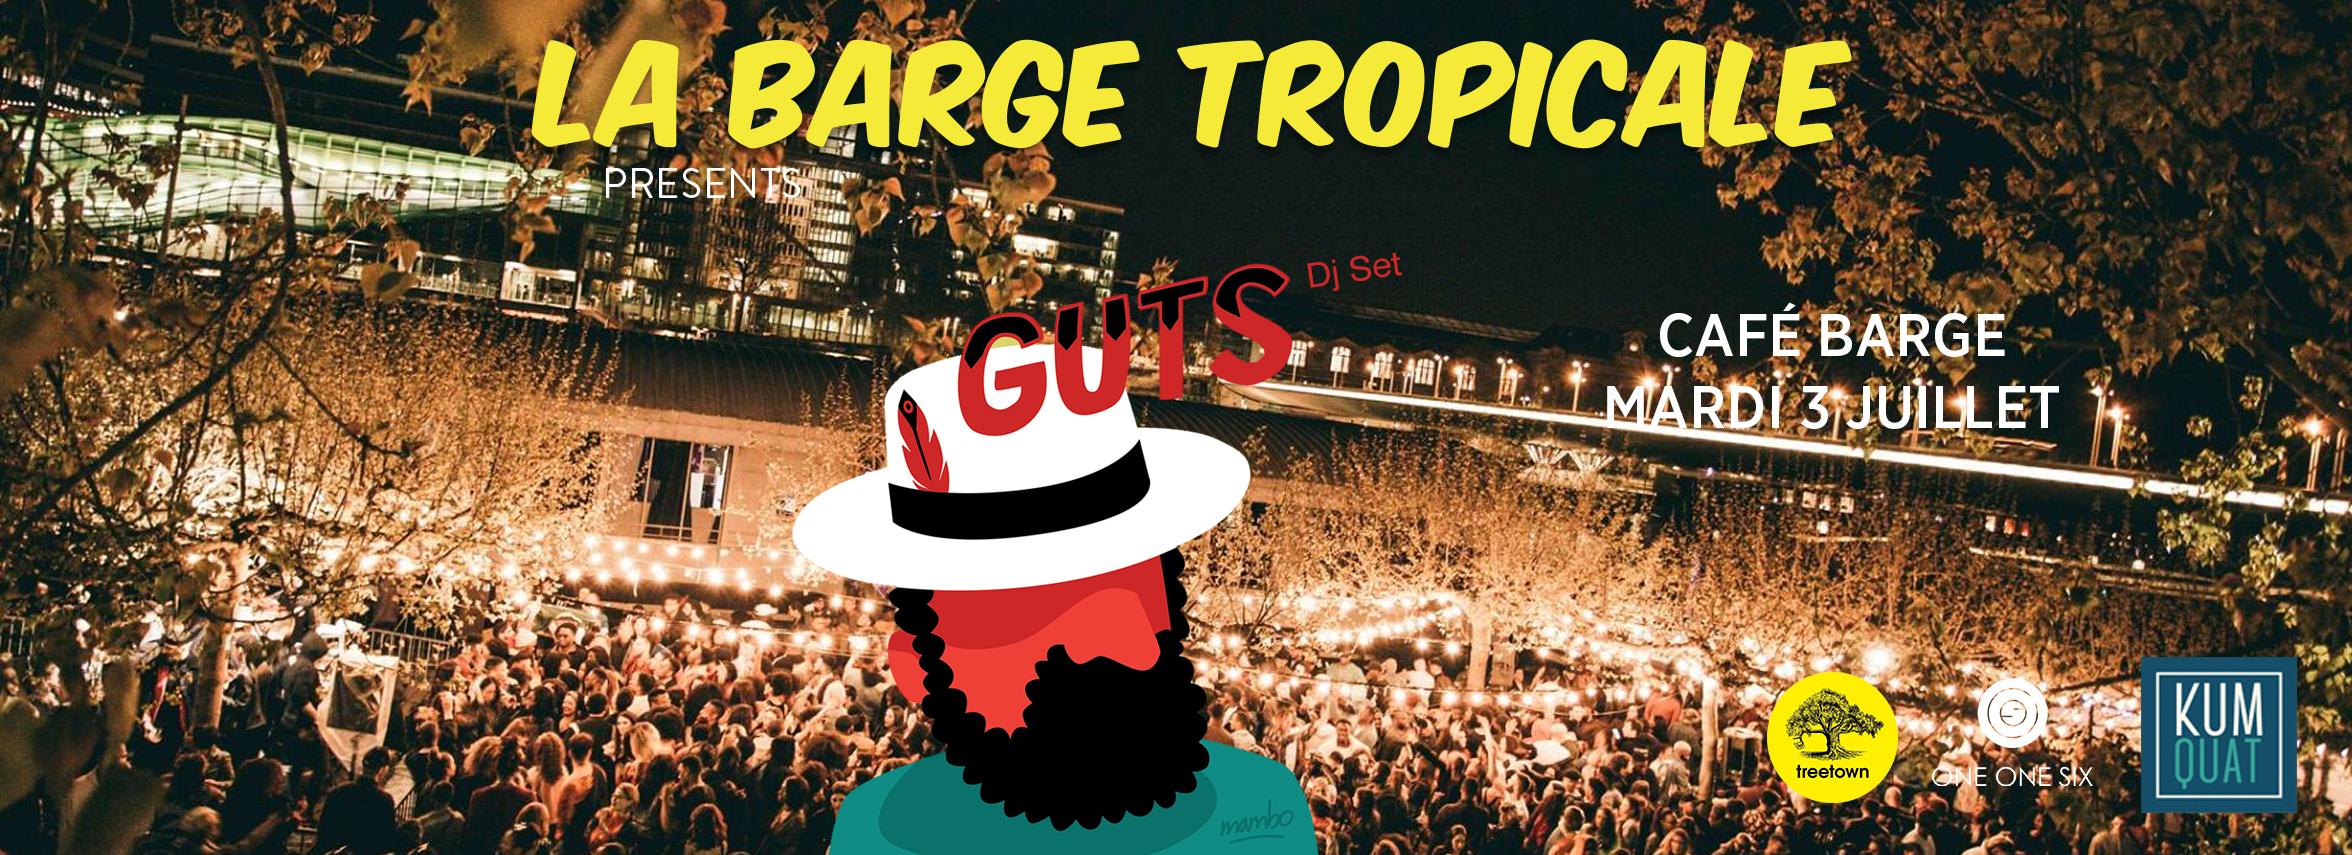 La Barge Tropicale invite GUTS & more